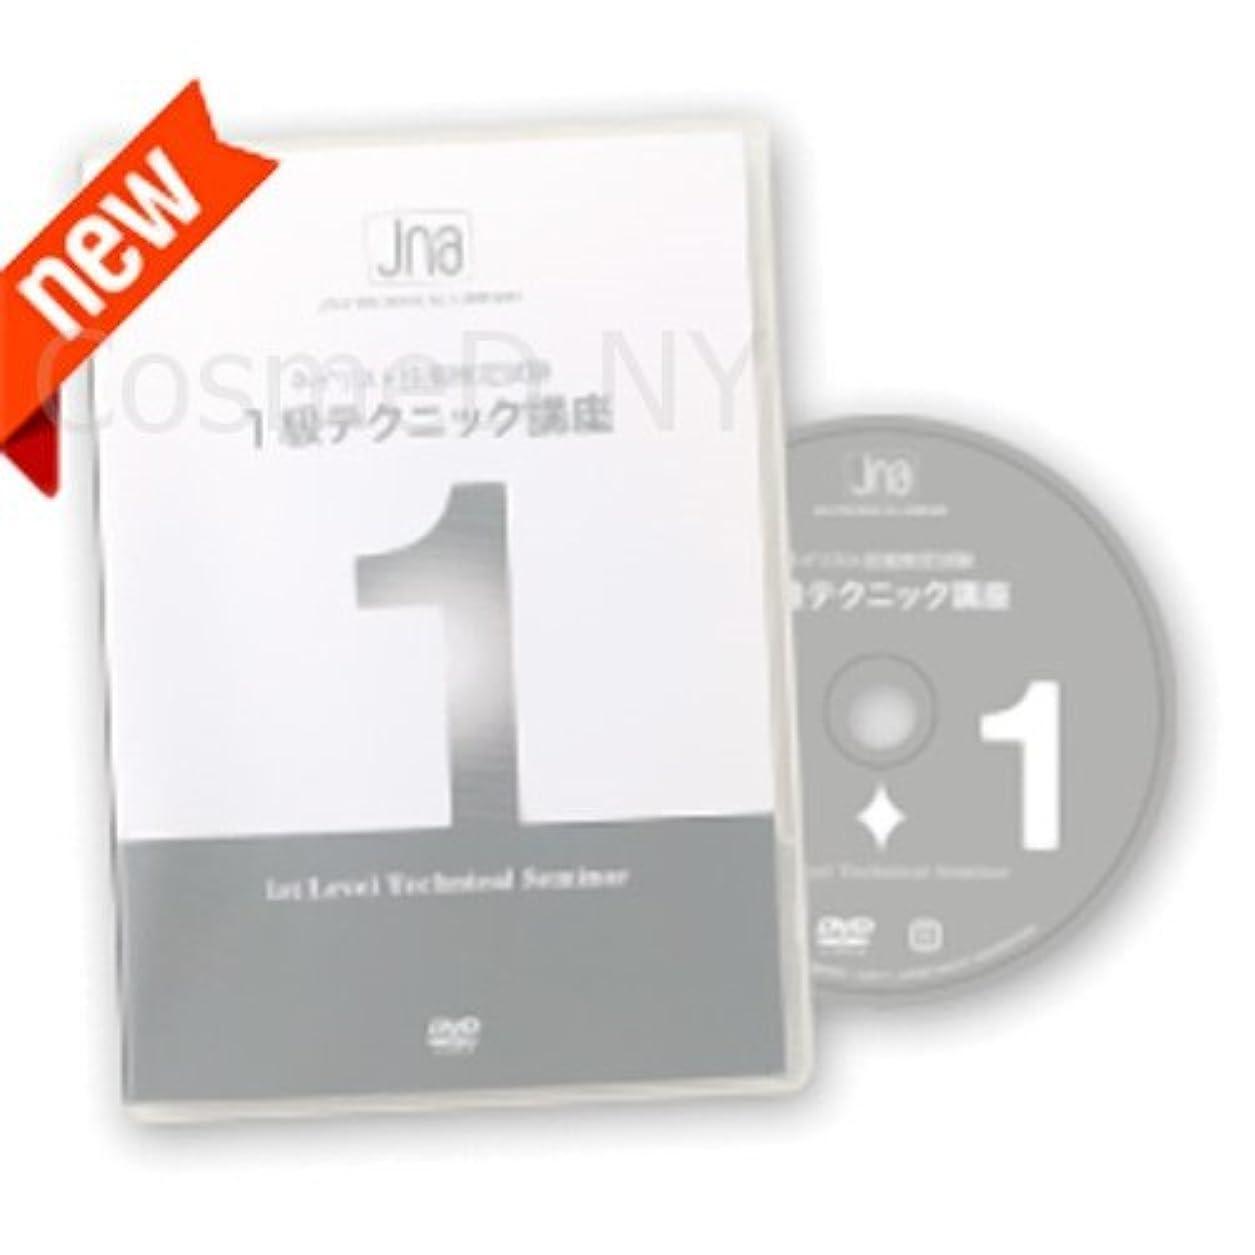 気をつけて交響曲ベーリング海峡Video ?????技能検定試験1級?????講座DVD 【書籍/DVD】